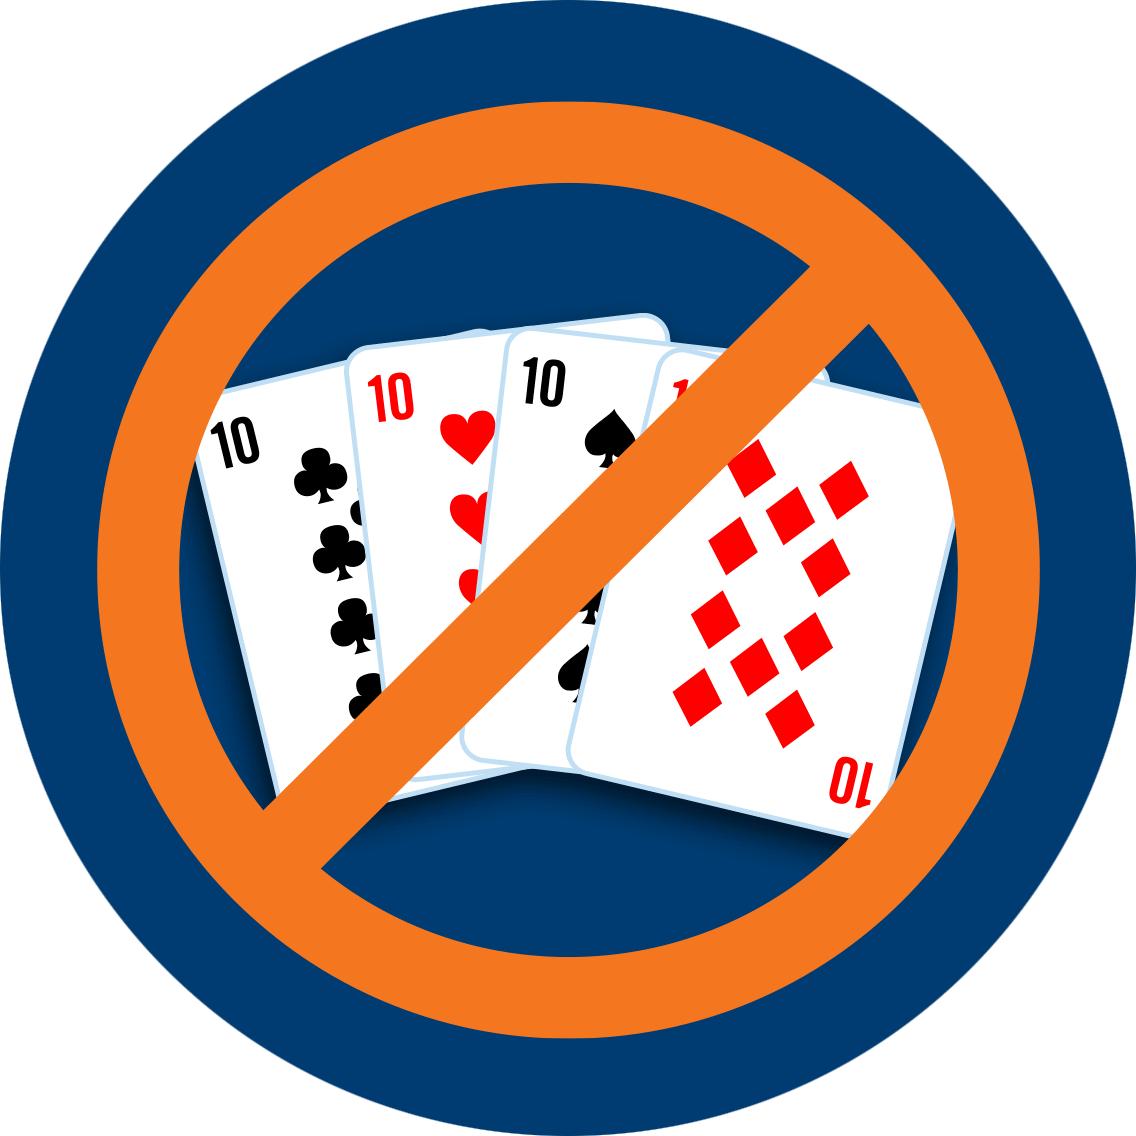 4张牌分别为梅花10、红心10、黑桃10和方块10,以国际禁止标志被划去。